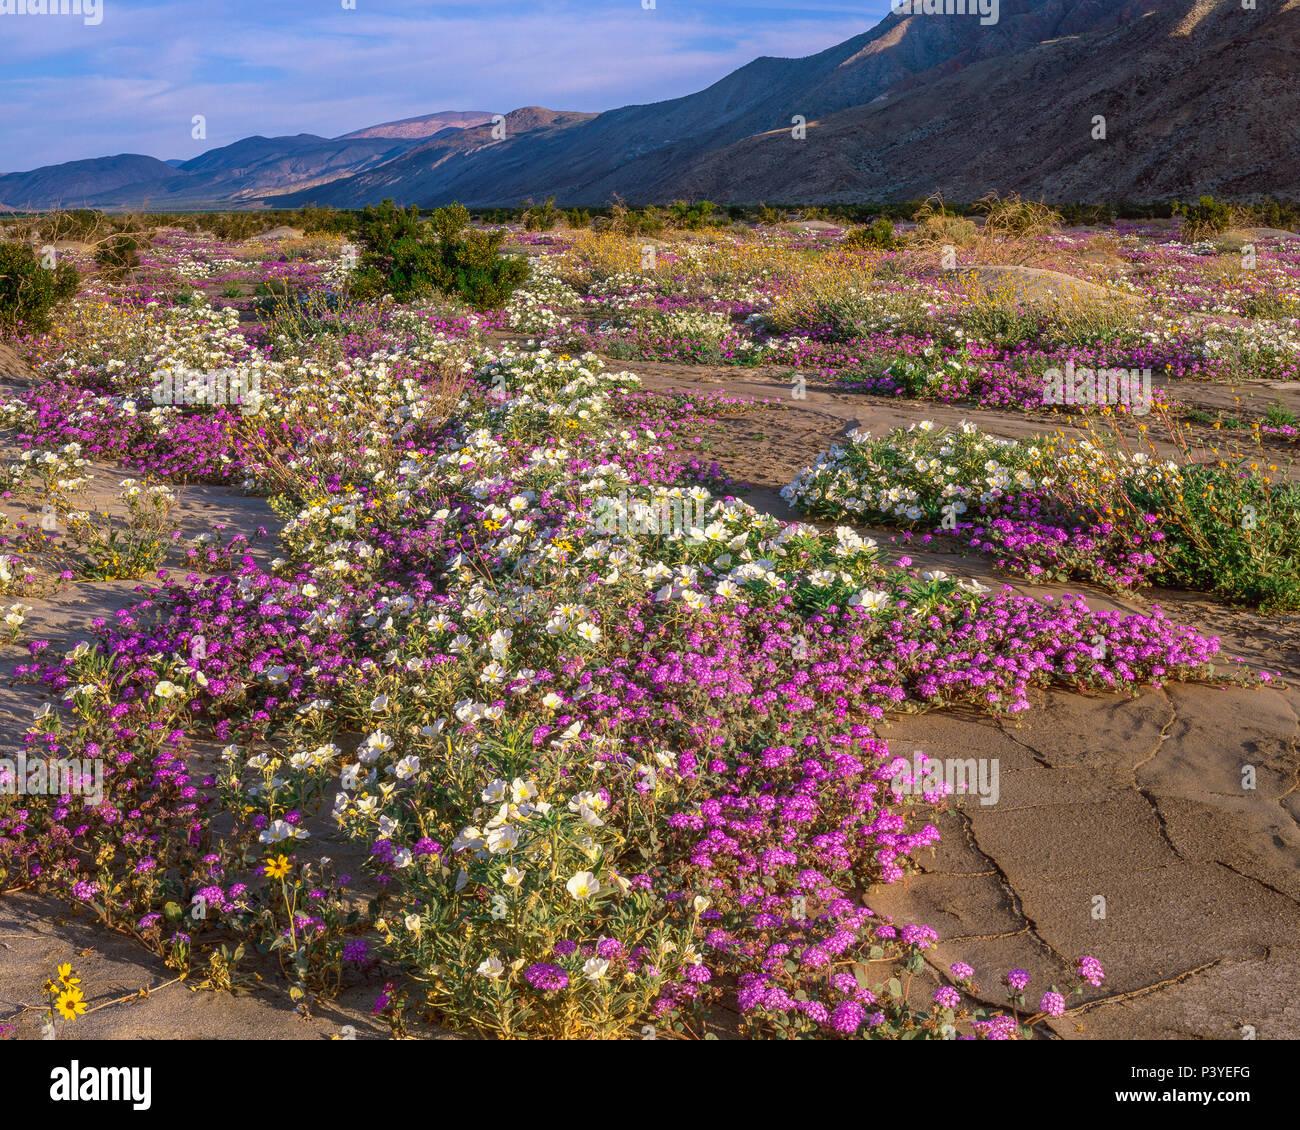 Eisenkraut, Primel, Henderson Canyon, Anza-Borrego Desert State Park, CA Stockbild